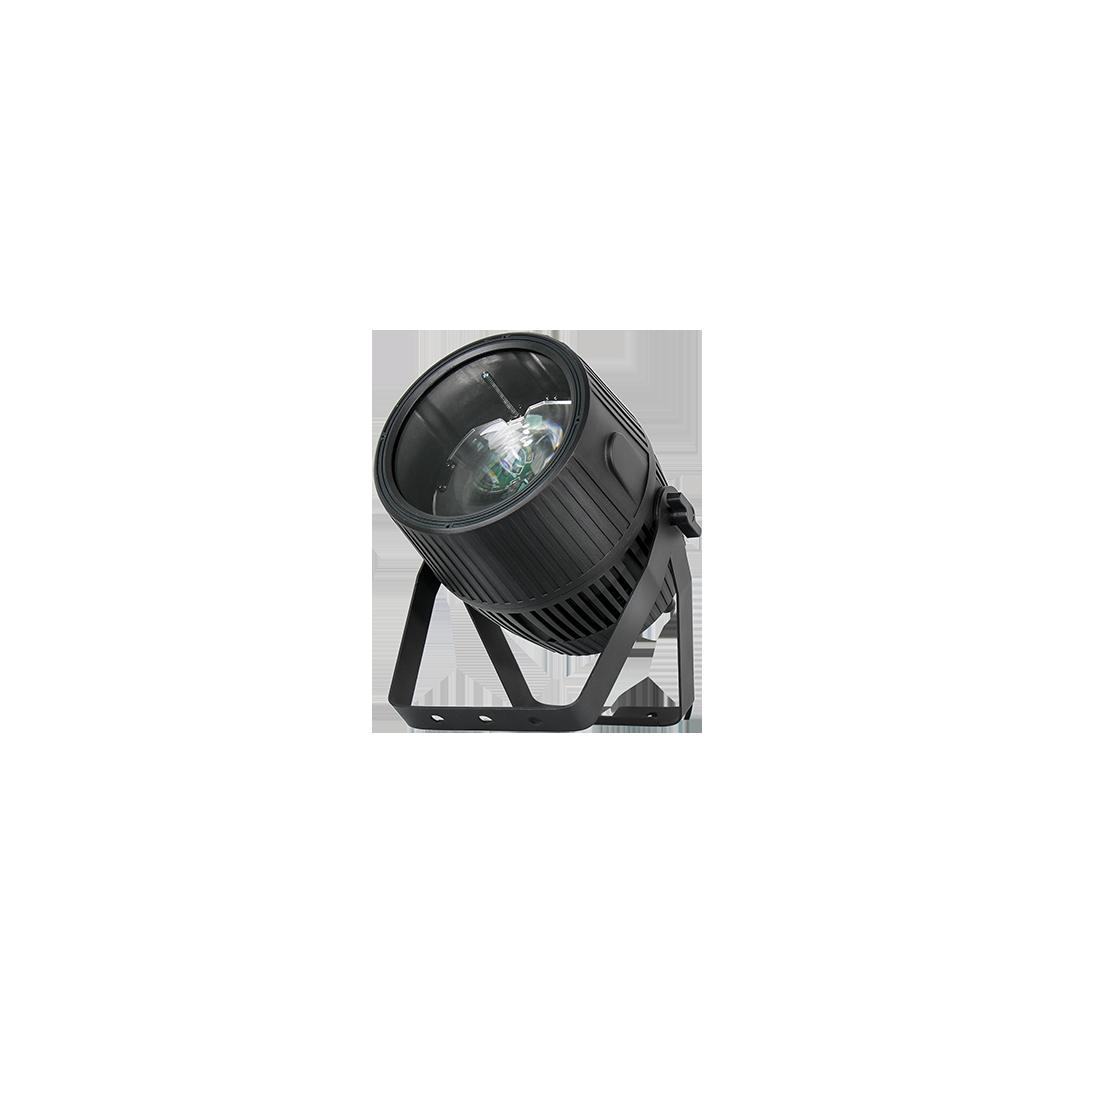 LED Par Can Light|Outdoor Led Par Can Supplier|Led Par Can Manufacturers